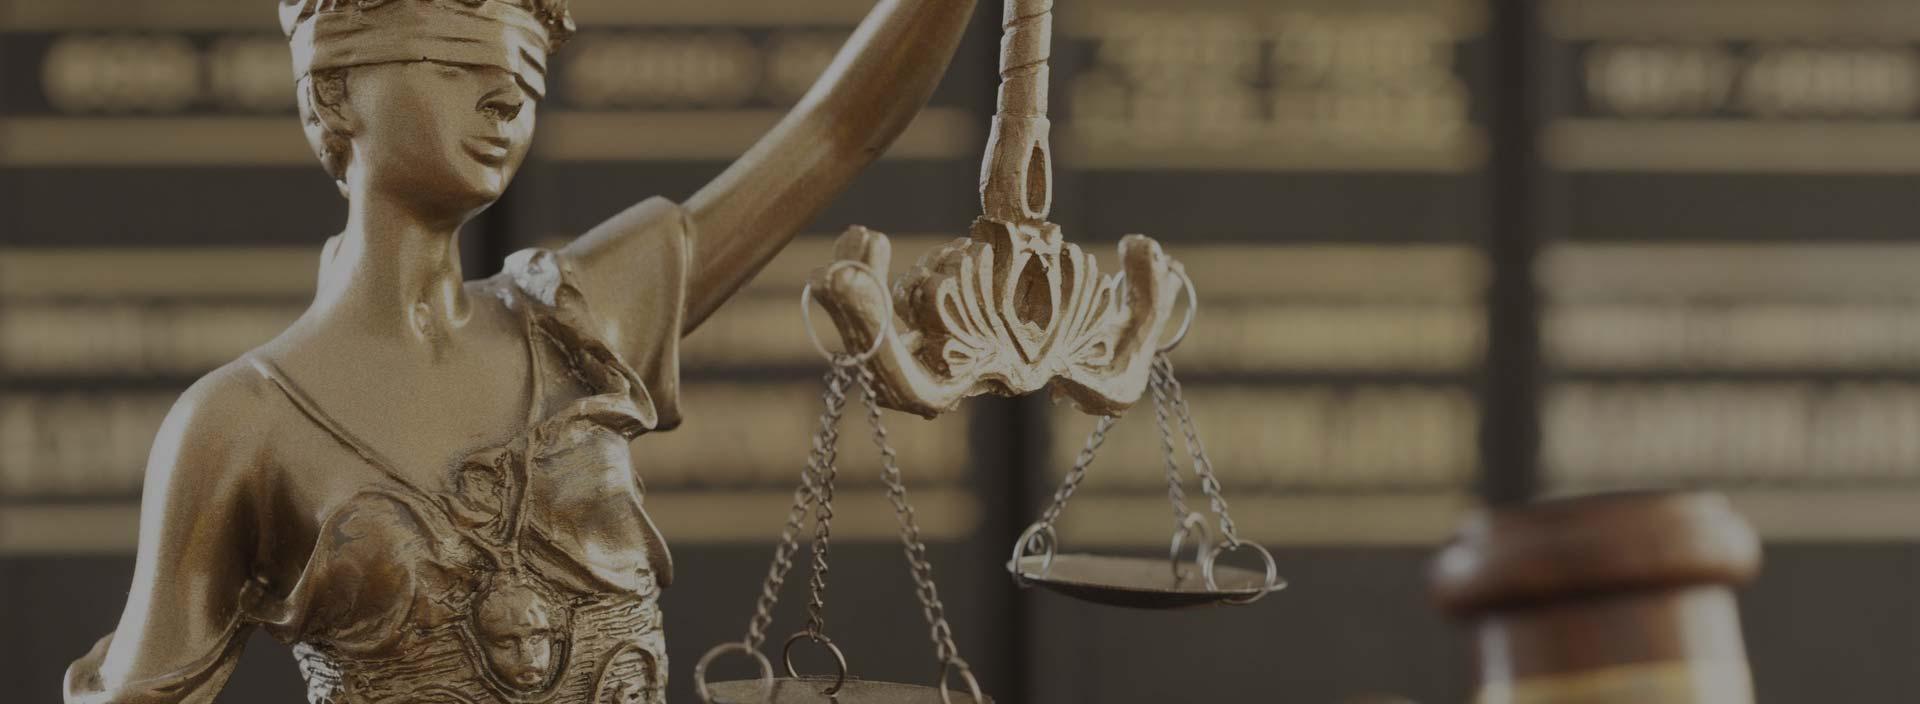 Legal Thai